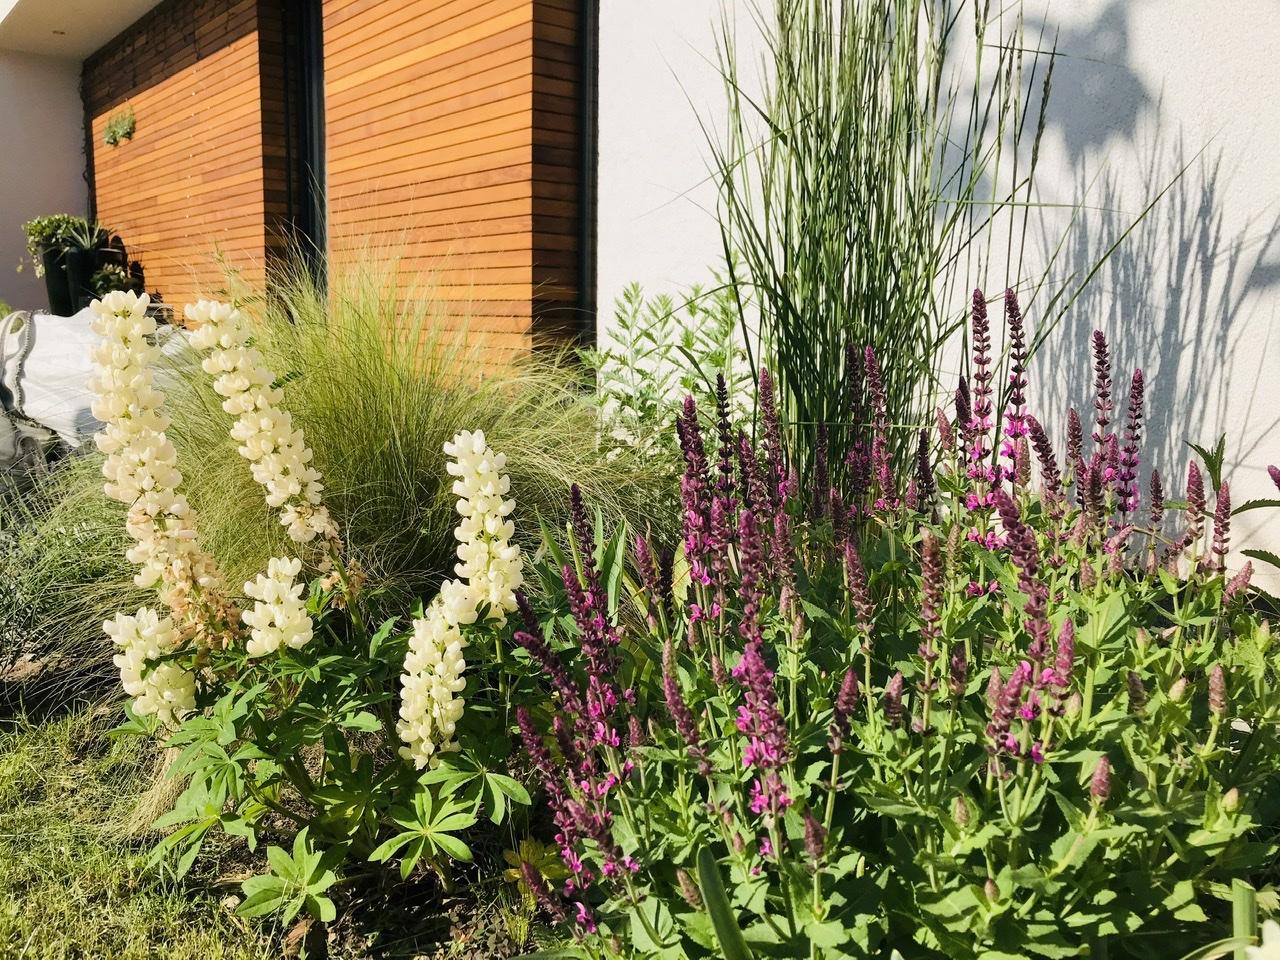 Naše L-ko - 2021 - stále dokončujeme - Biela lupina, začína šalvia, trávy, perovskie - 1 ročný záhon (sadený presne pred rokom)